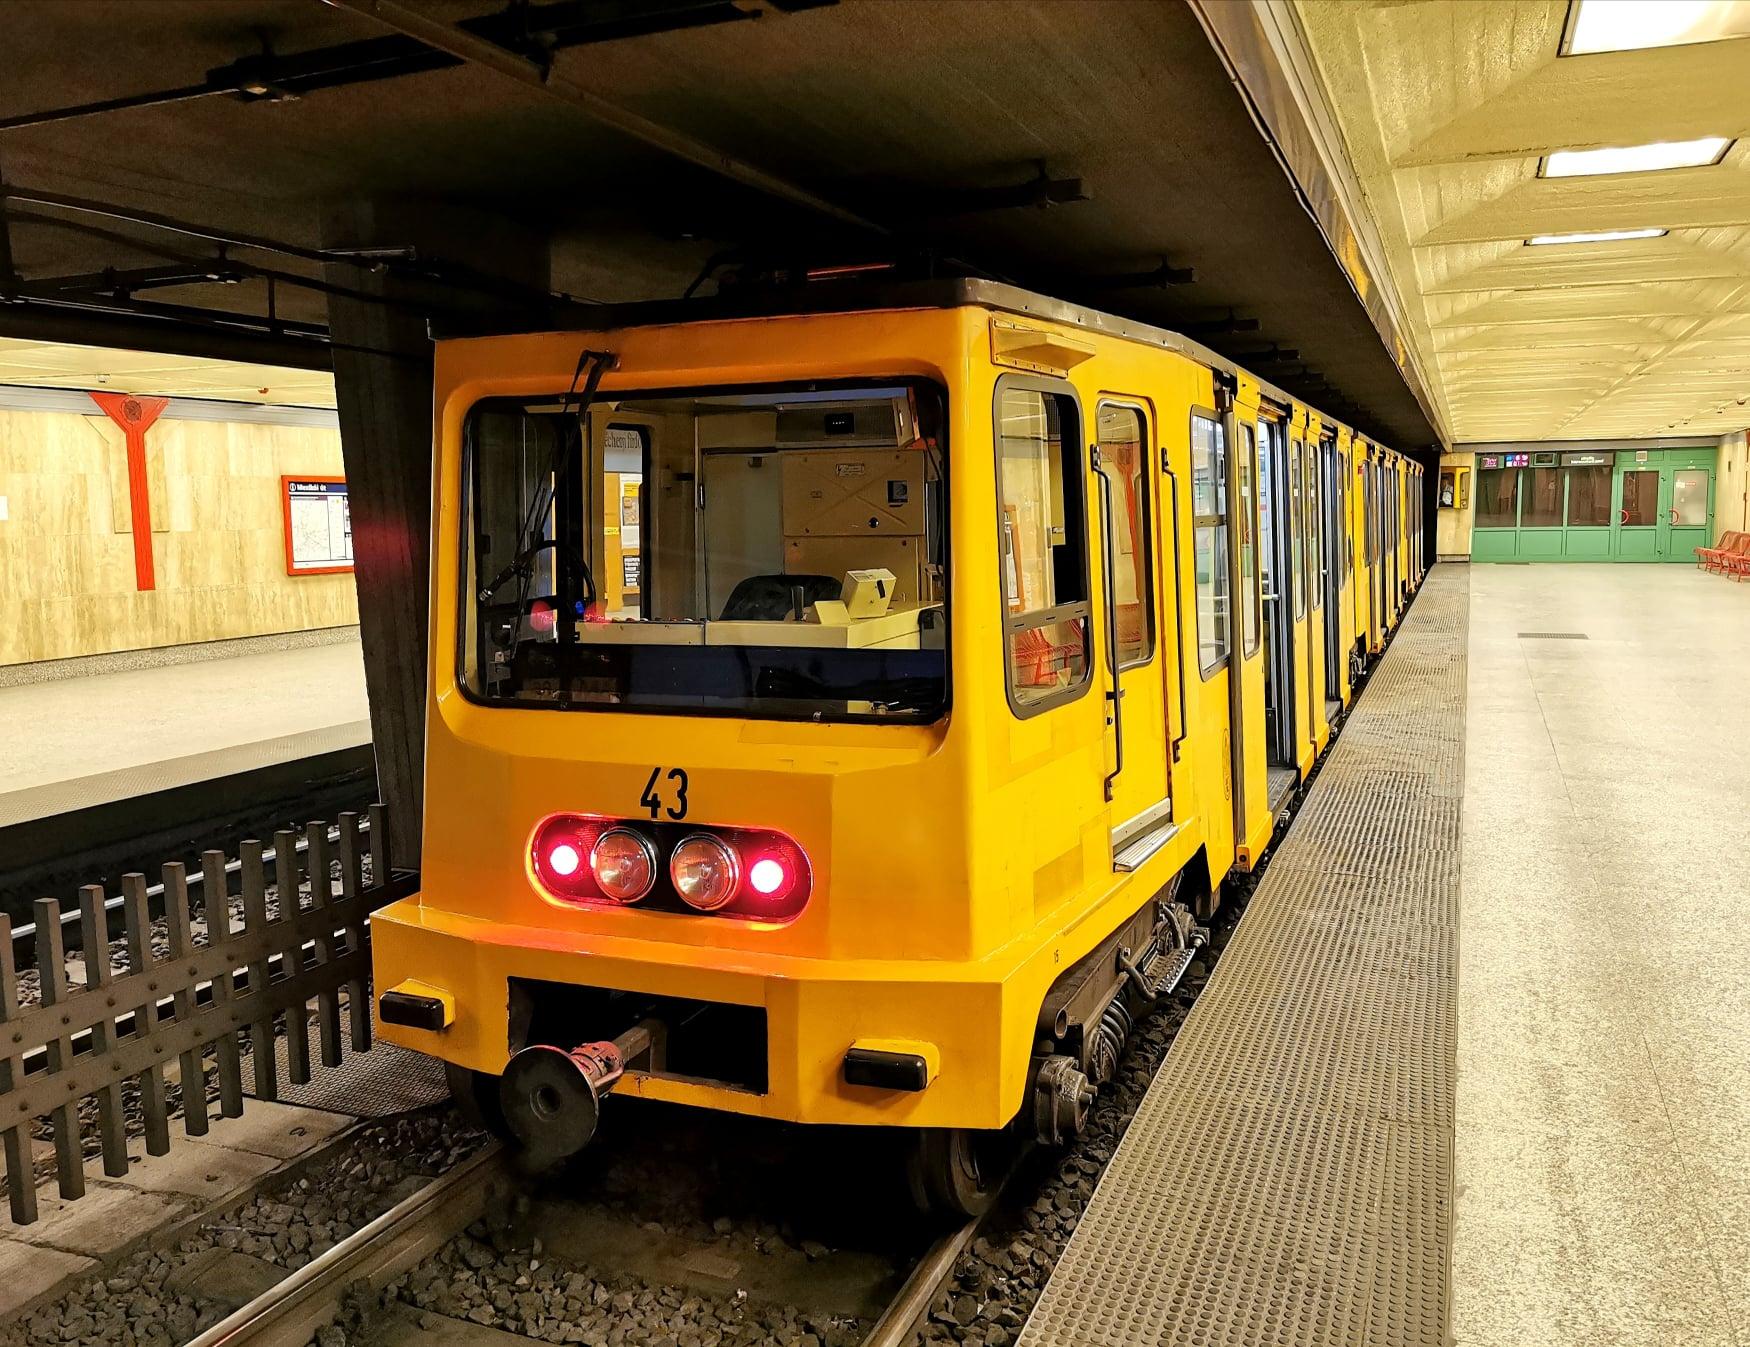 Pläne für die Modernisierung der Budapester U-Bahn-Linie 1 werden in Kürze abgeschlossen sein